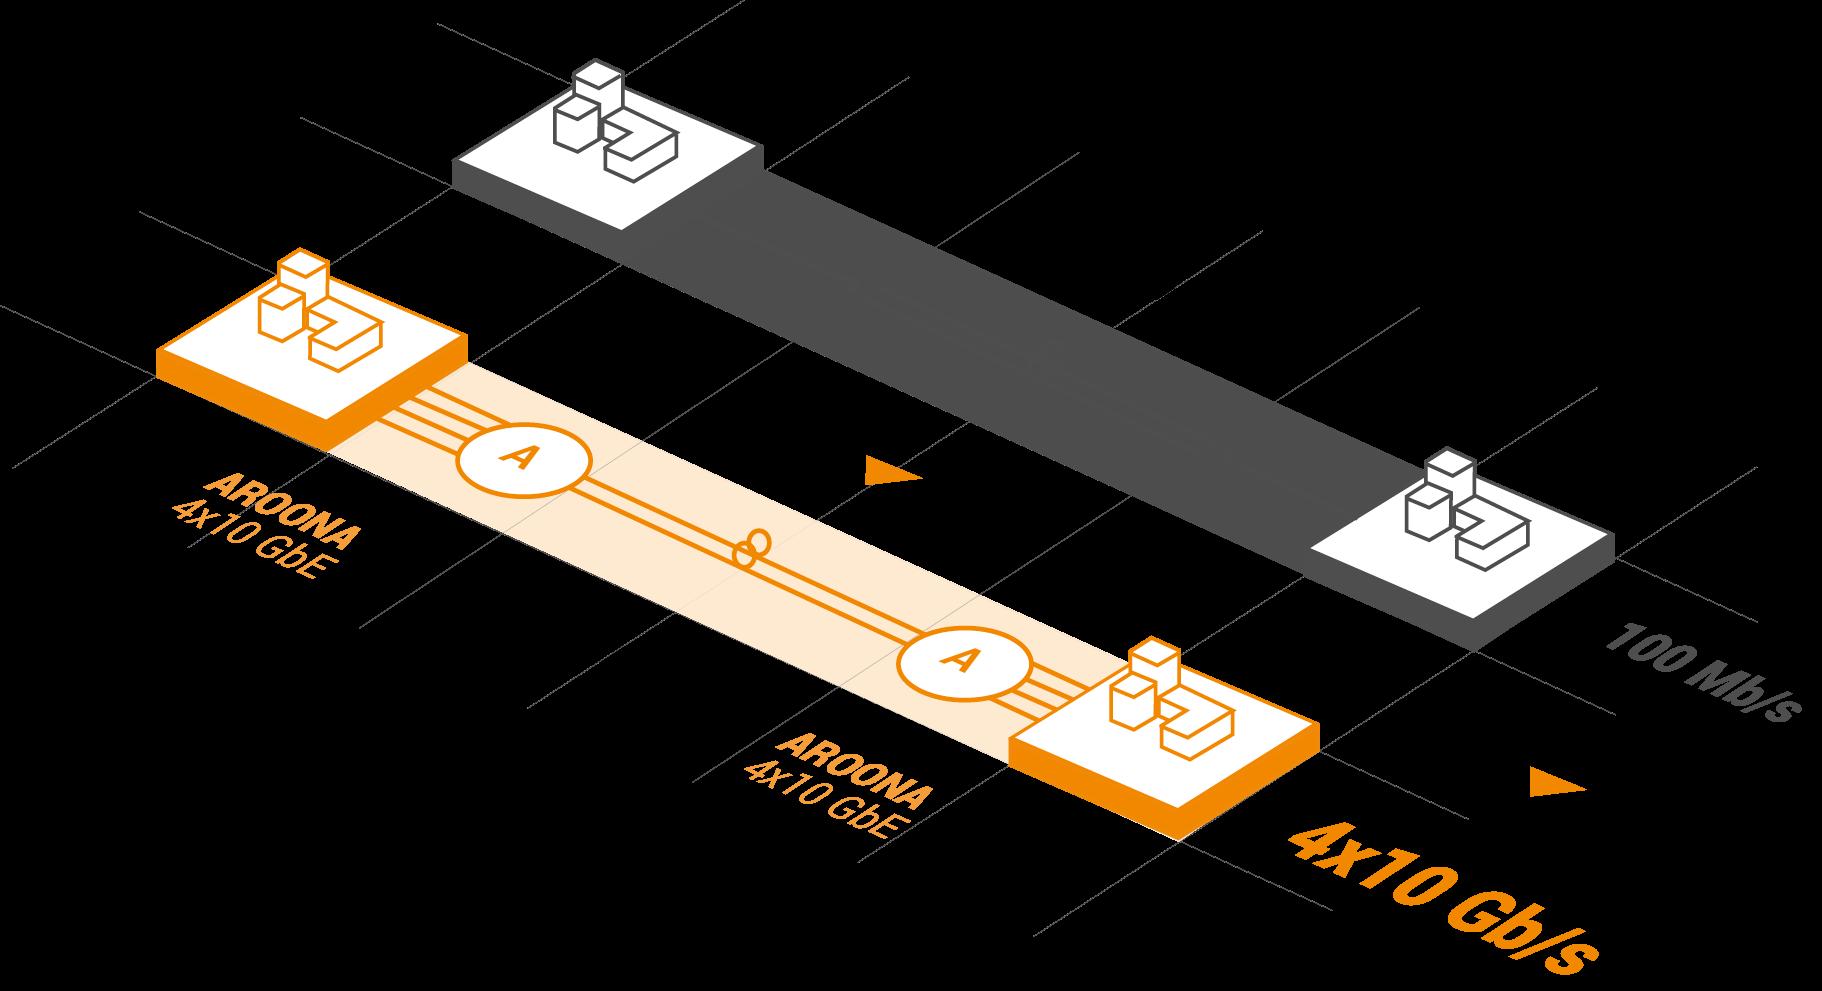 Arrona-schema-2